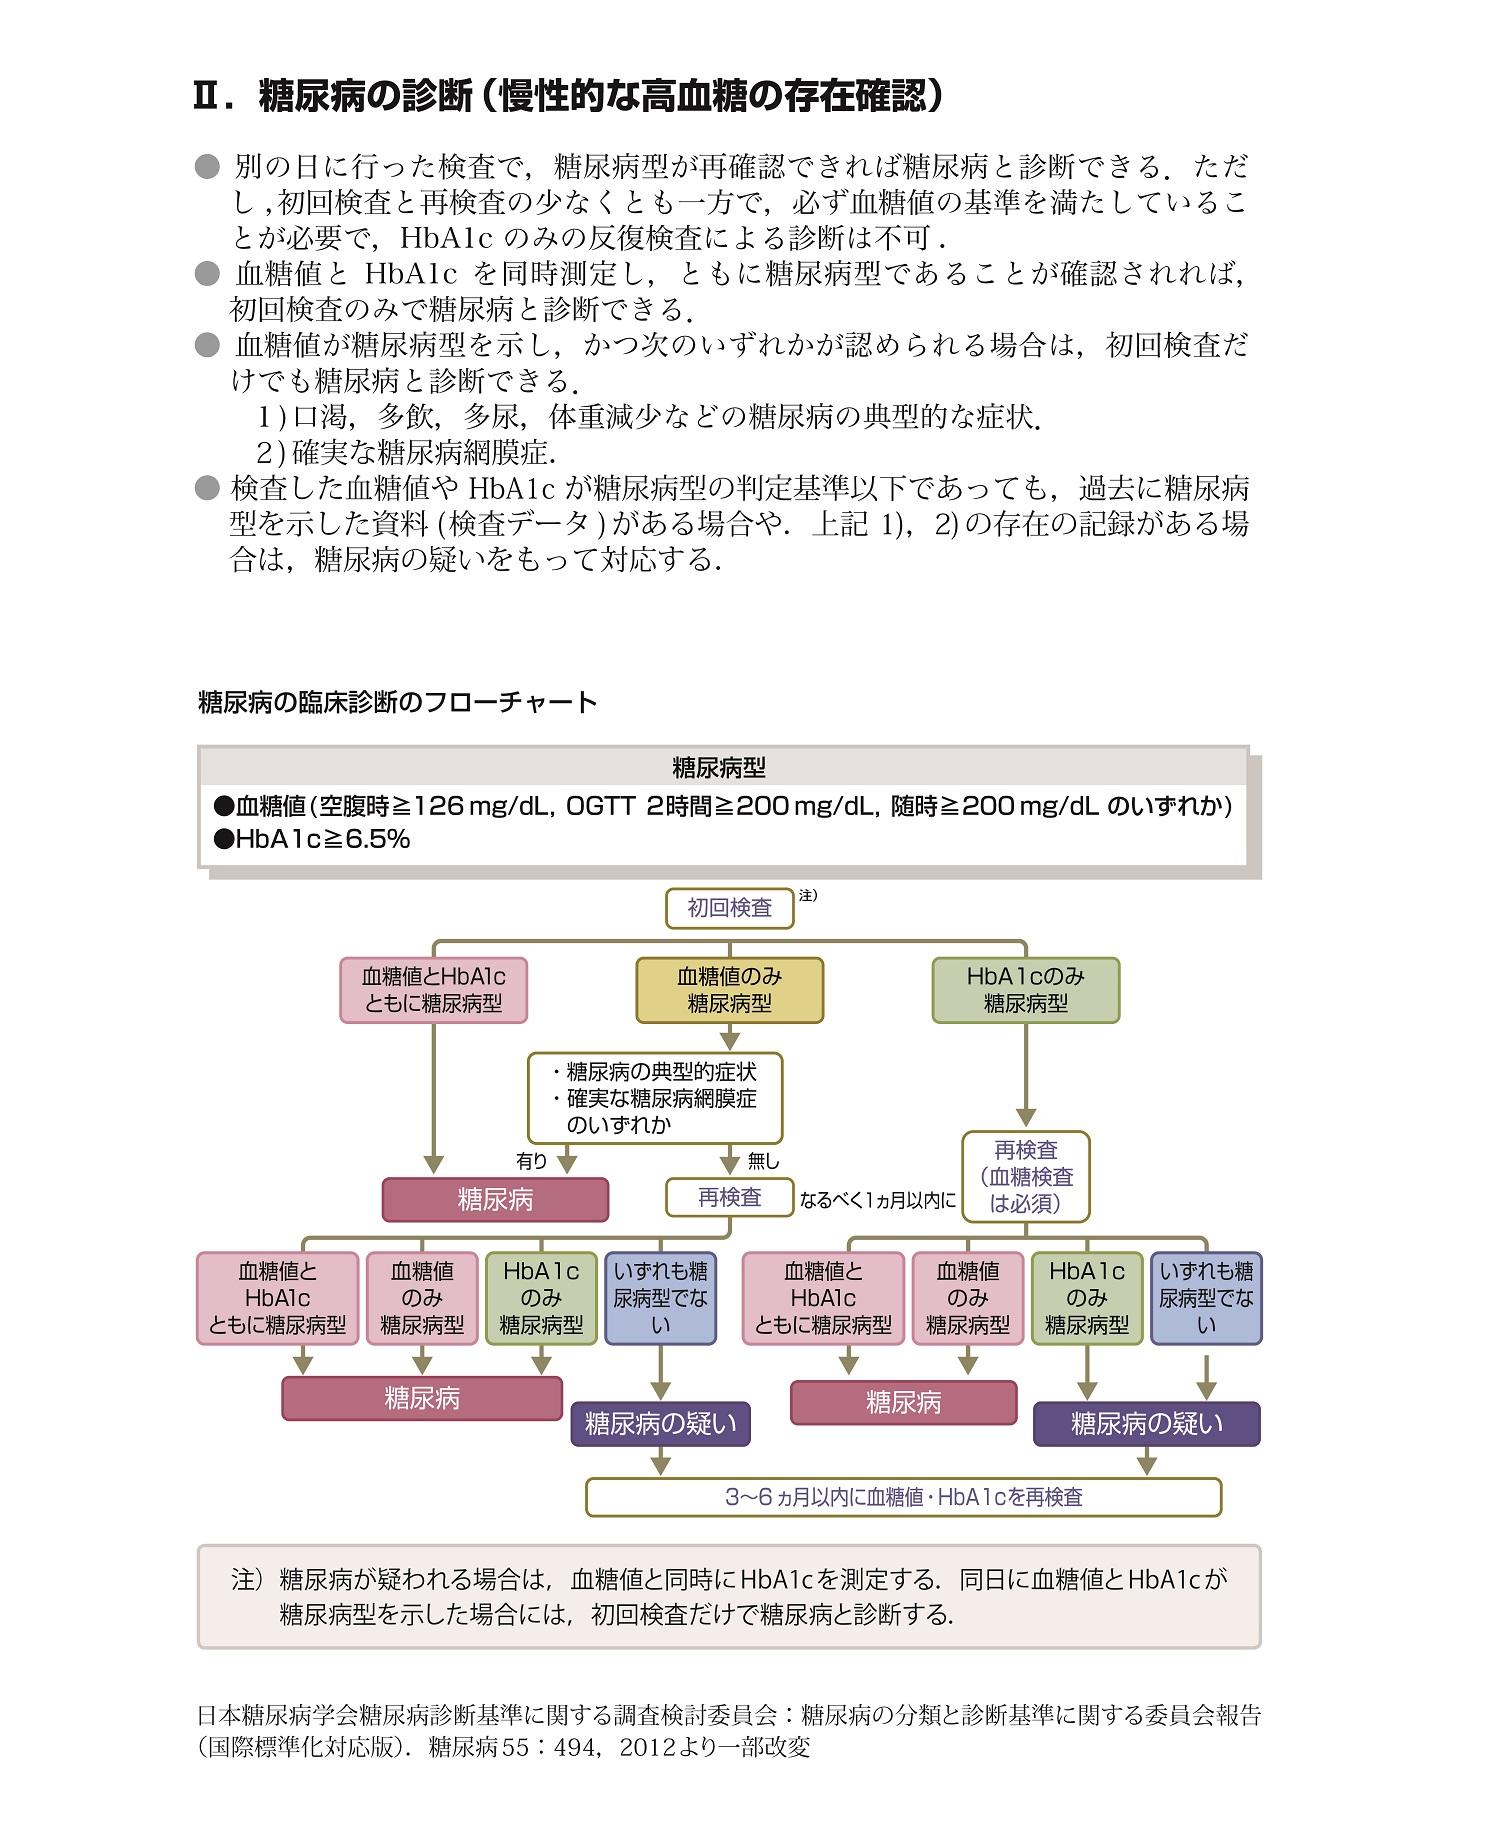 糖尿病治療ガイド2018-2019(抜粋)[3]